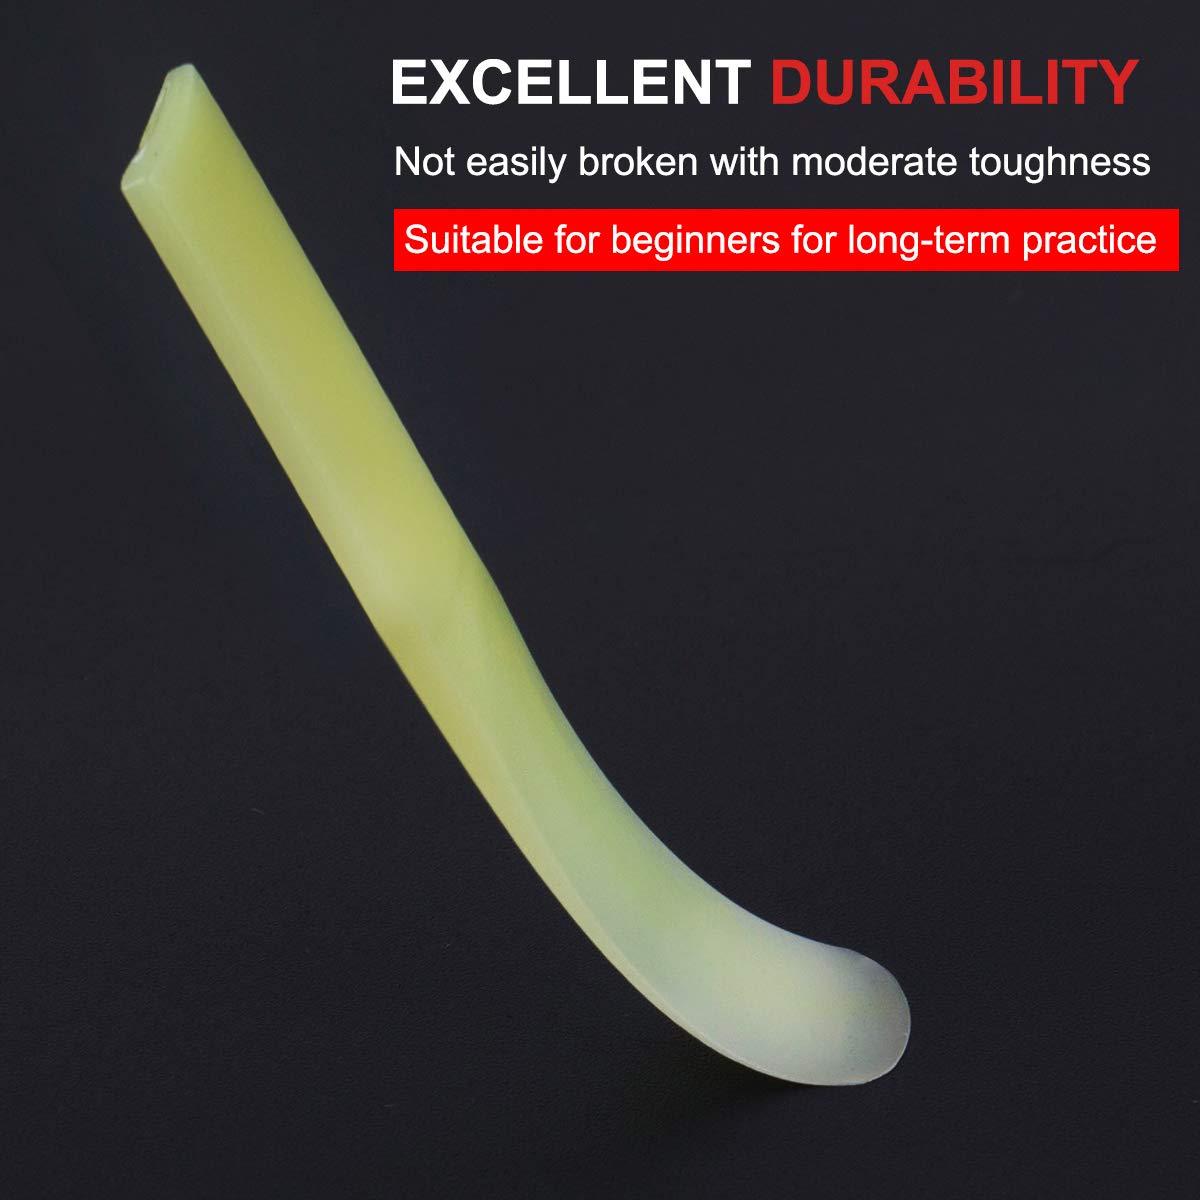 Kmise Soprano Juego de 3 ca/ñas de saxof/ón para principiantes y estudiantes resina sint/ética color amarillo